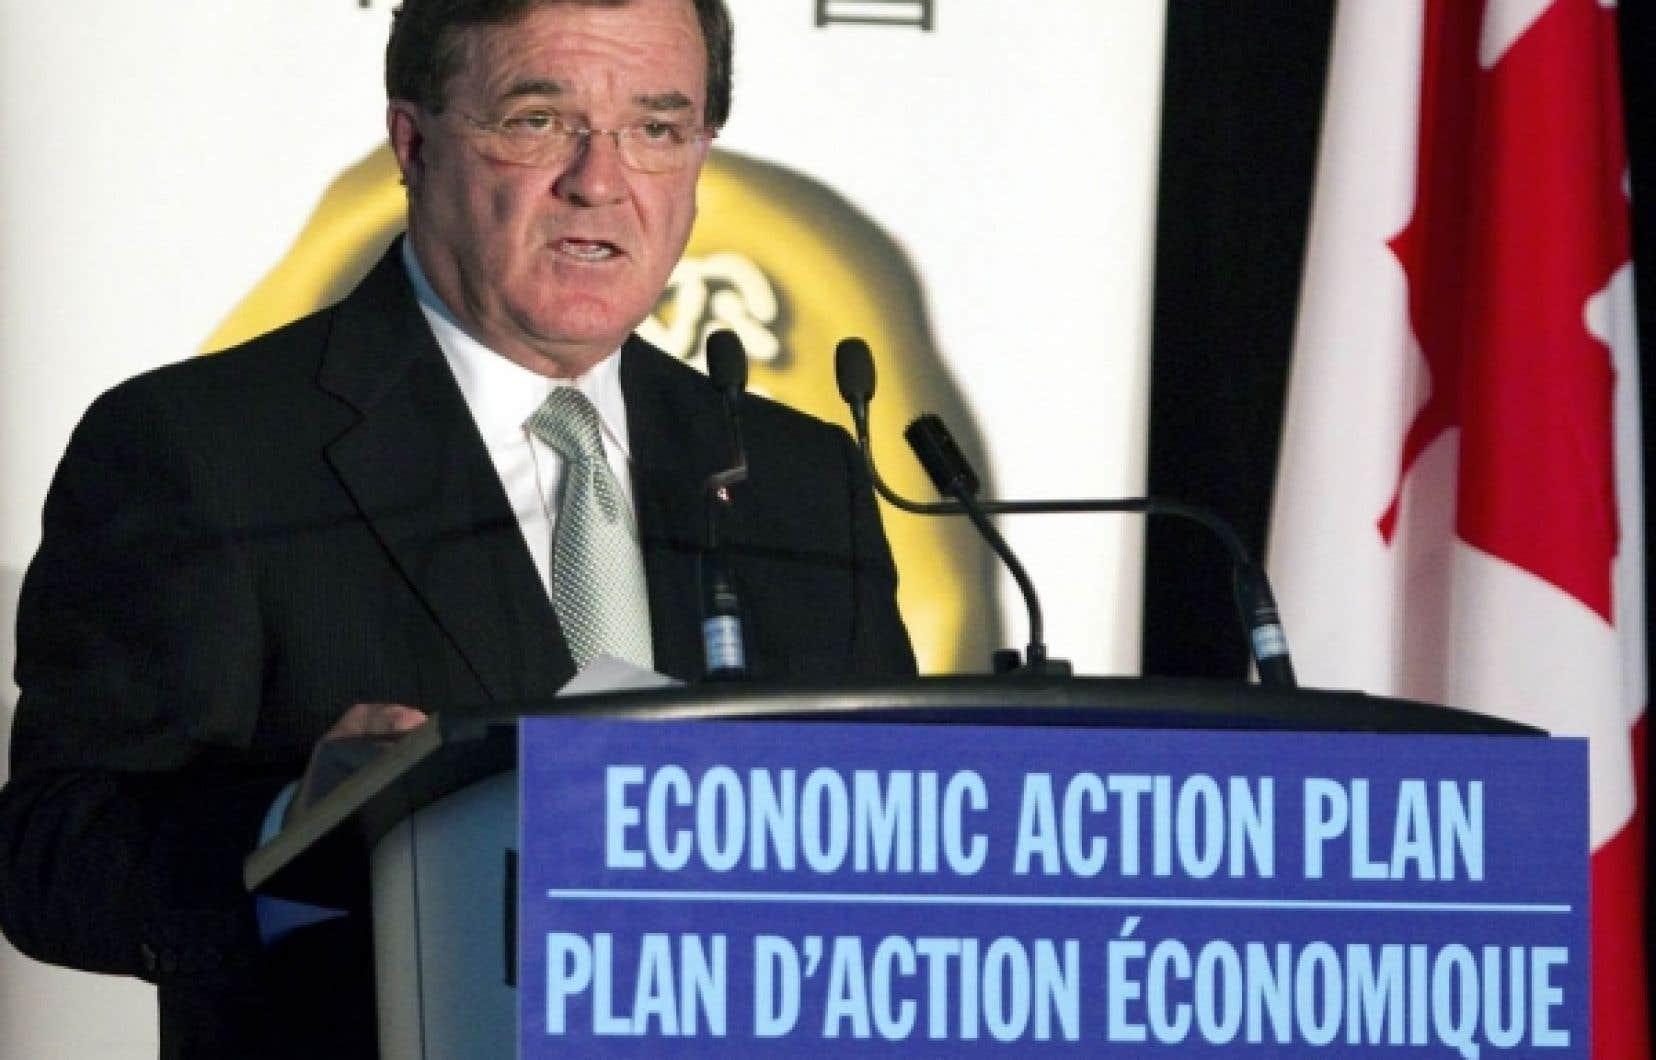 Le ministre des Finances, Jim Flaherty, avait déjà indiqué le 27 septembre que le gouvernement se montrerait «juste et raisonnable» envers les projets qui seront virtuellement terminés le 31 mars.